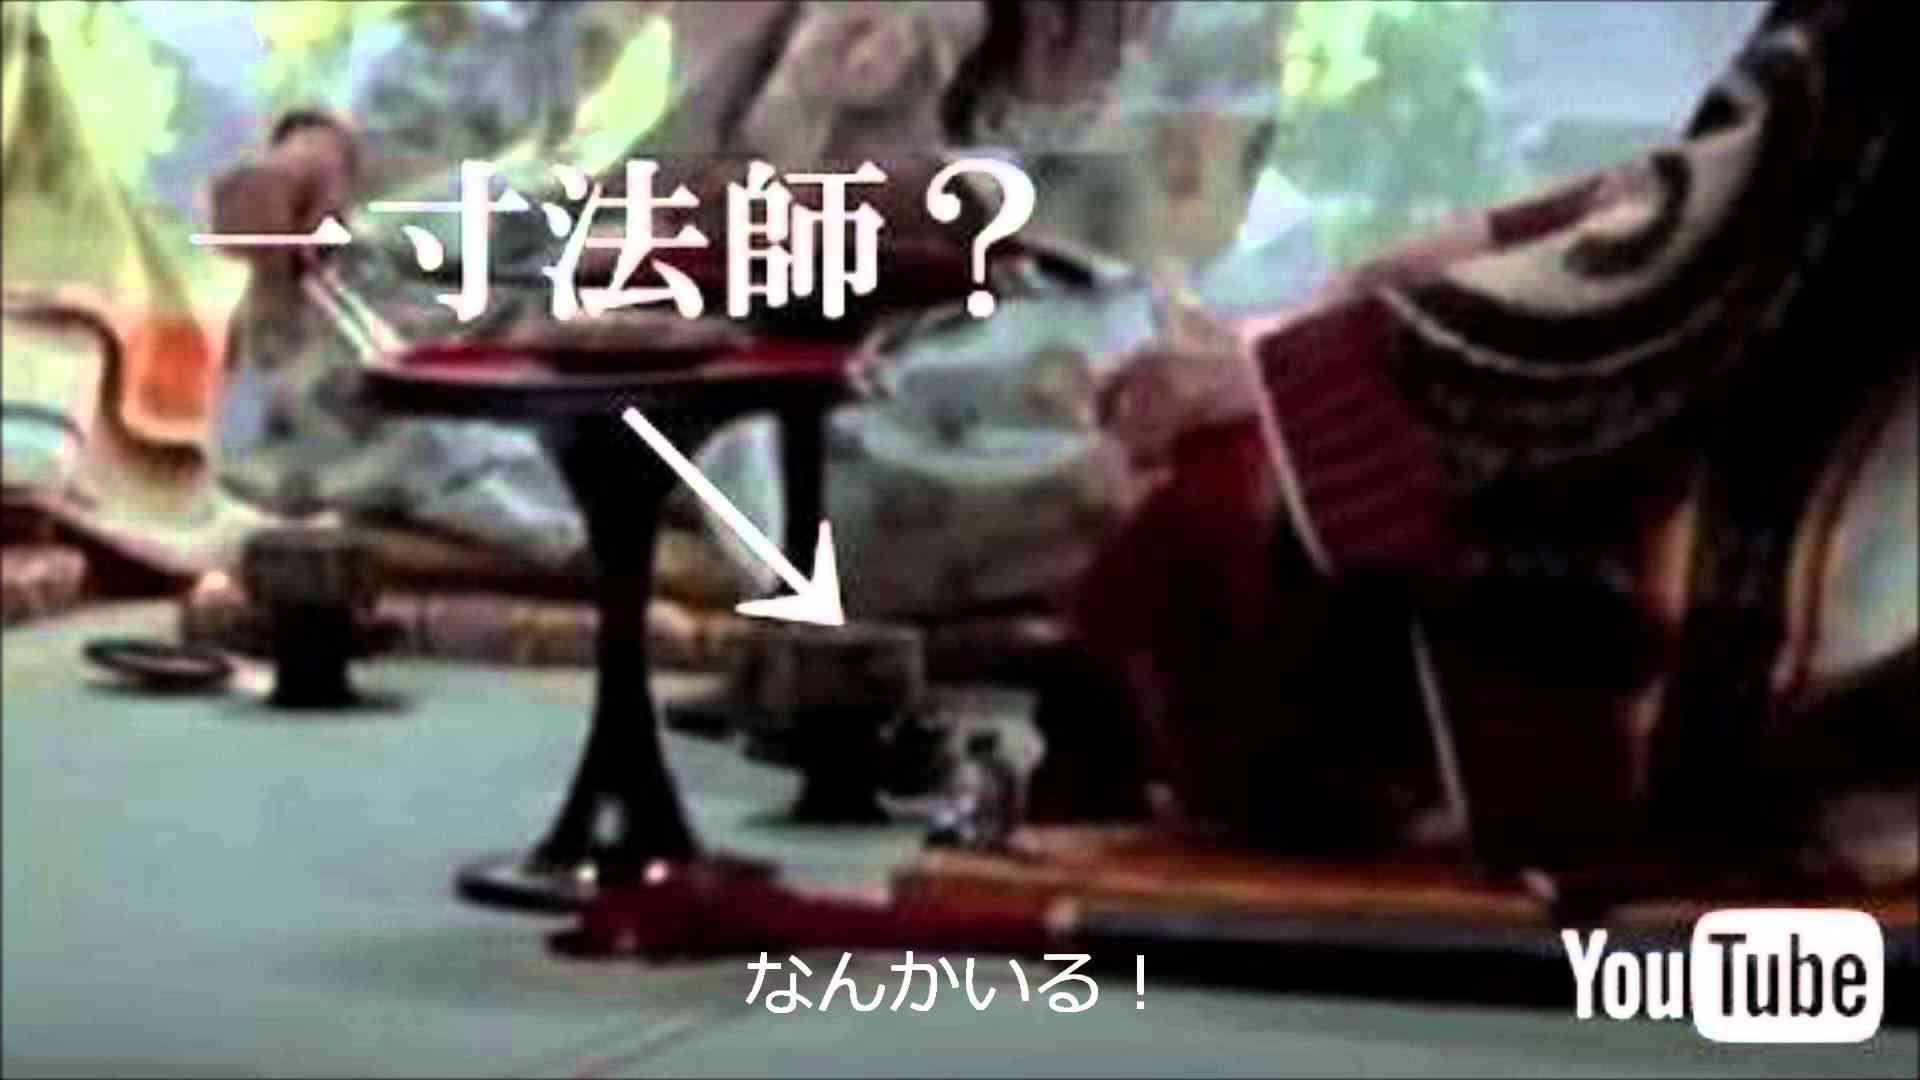 これはわからない!auの三太郎CMに『一寸法師』が隠れていた! - YouTube